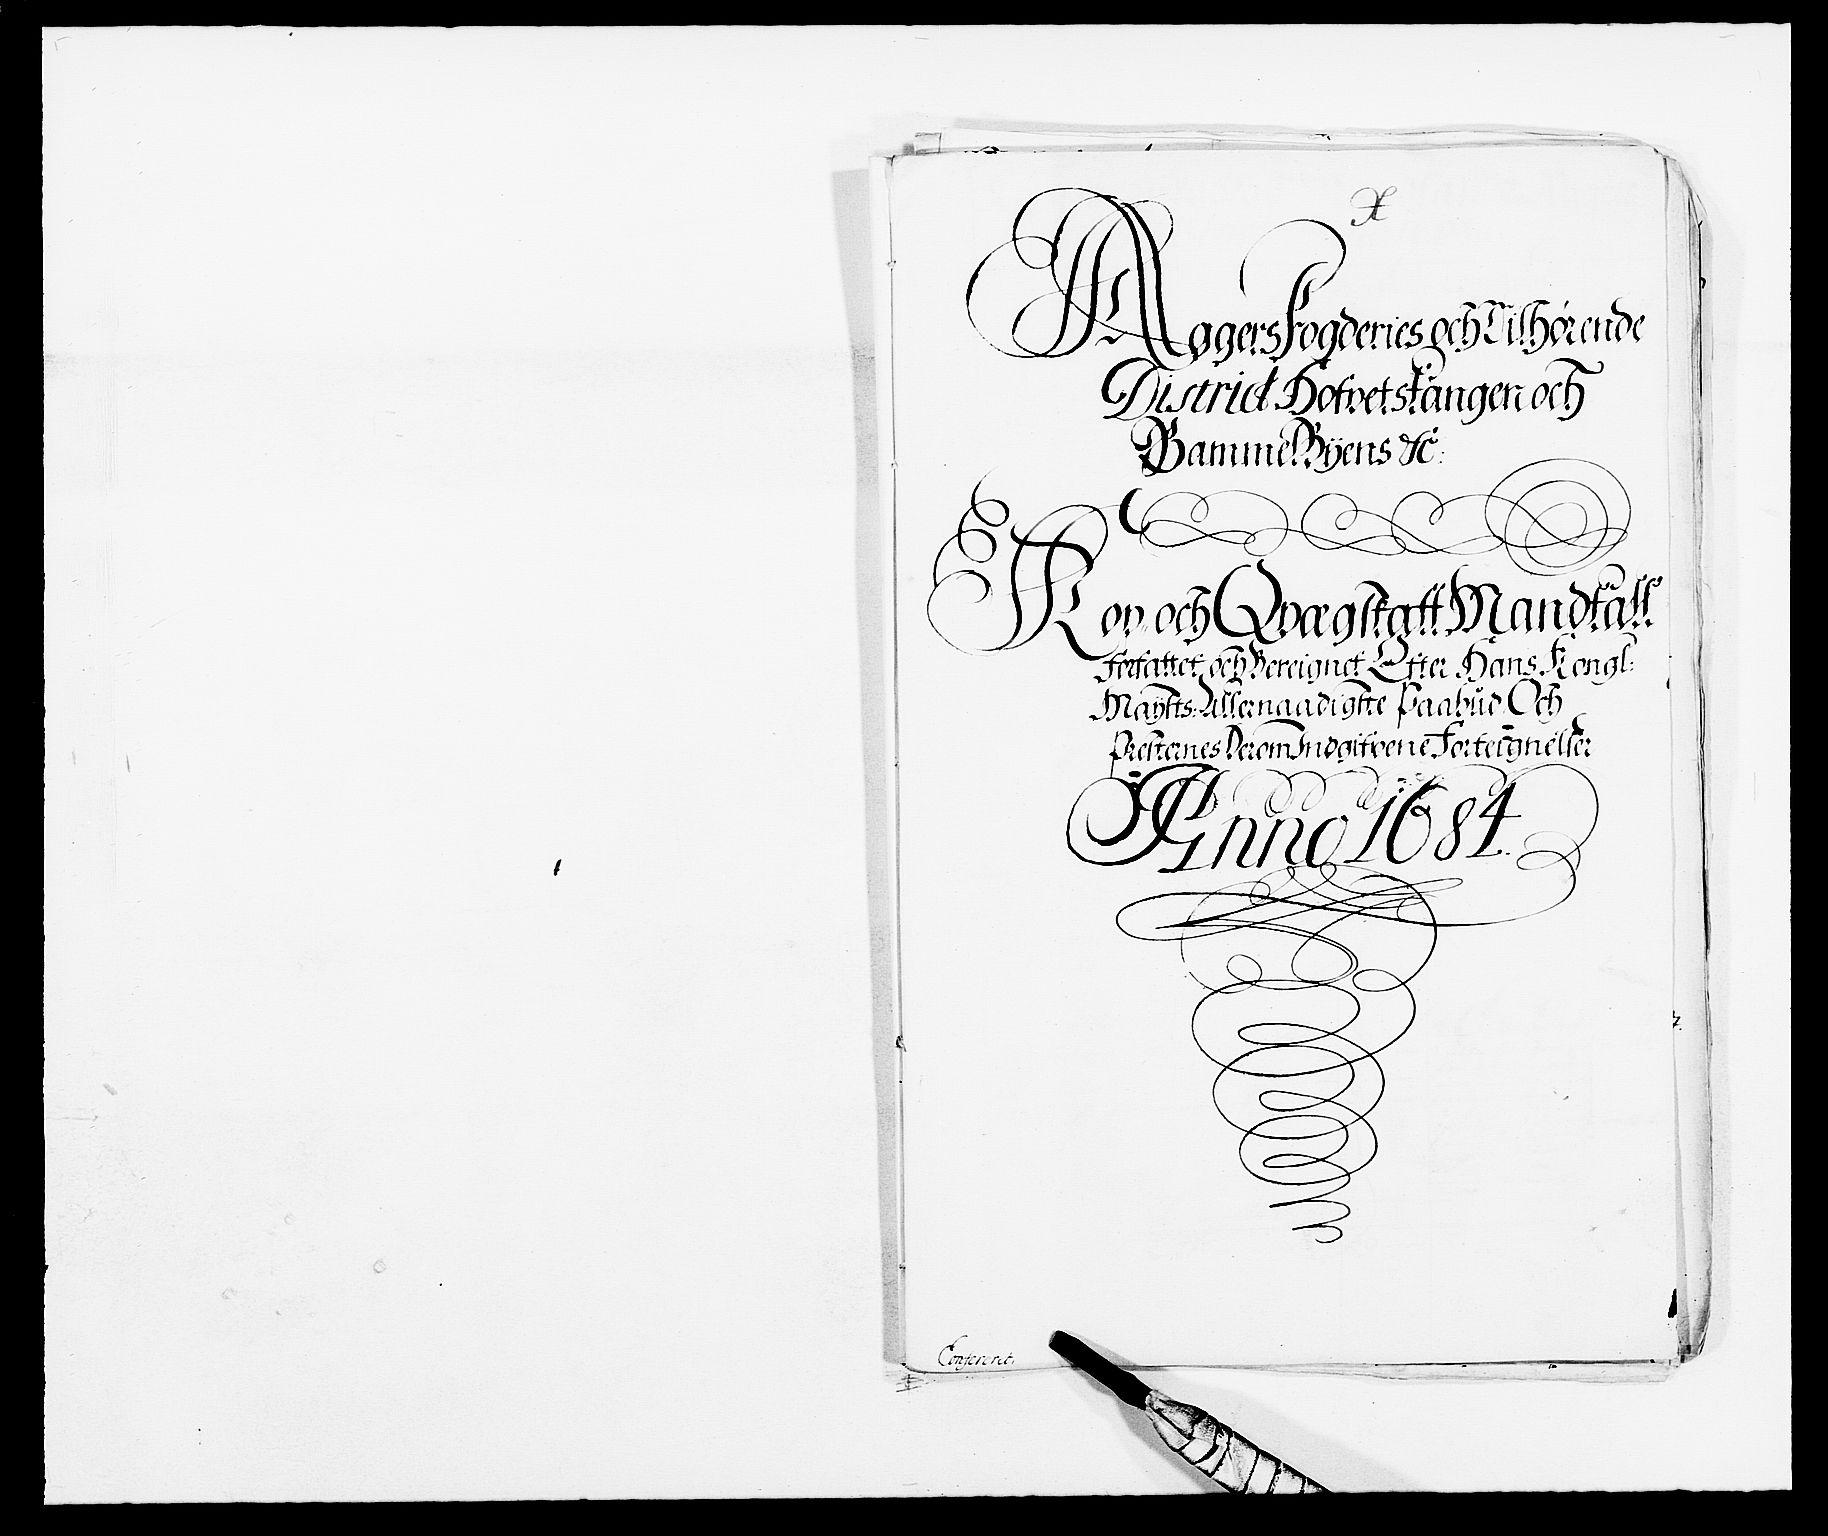 RA, Rentekammeret inntil 1814, Reviderte regnskaper, Fogderegnskap, R08/L0421: Fogderegnskap Aker, 1682-1683, s. 94